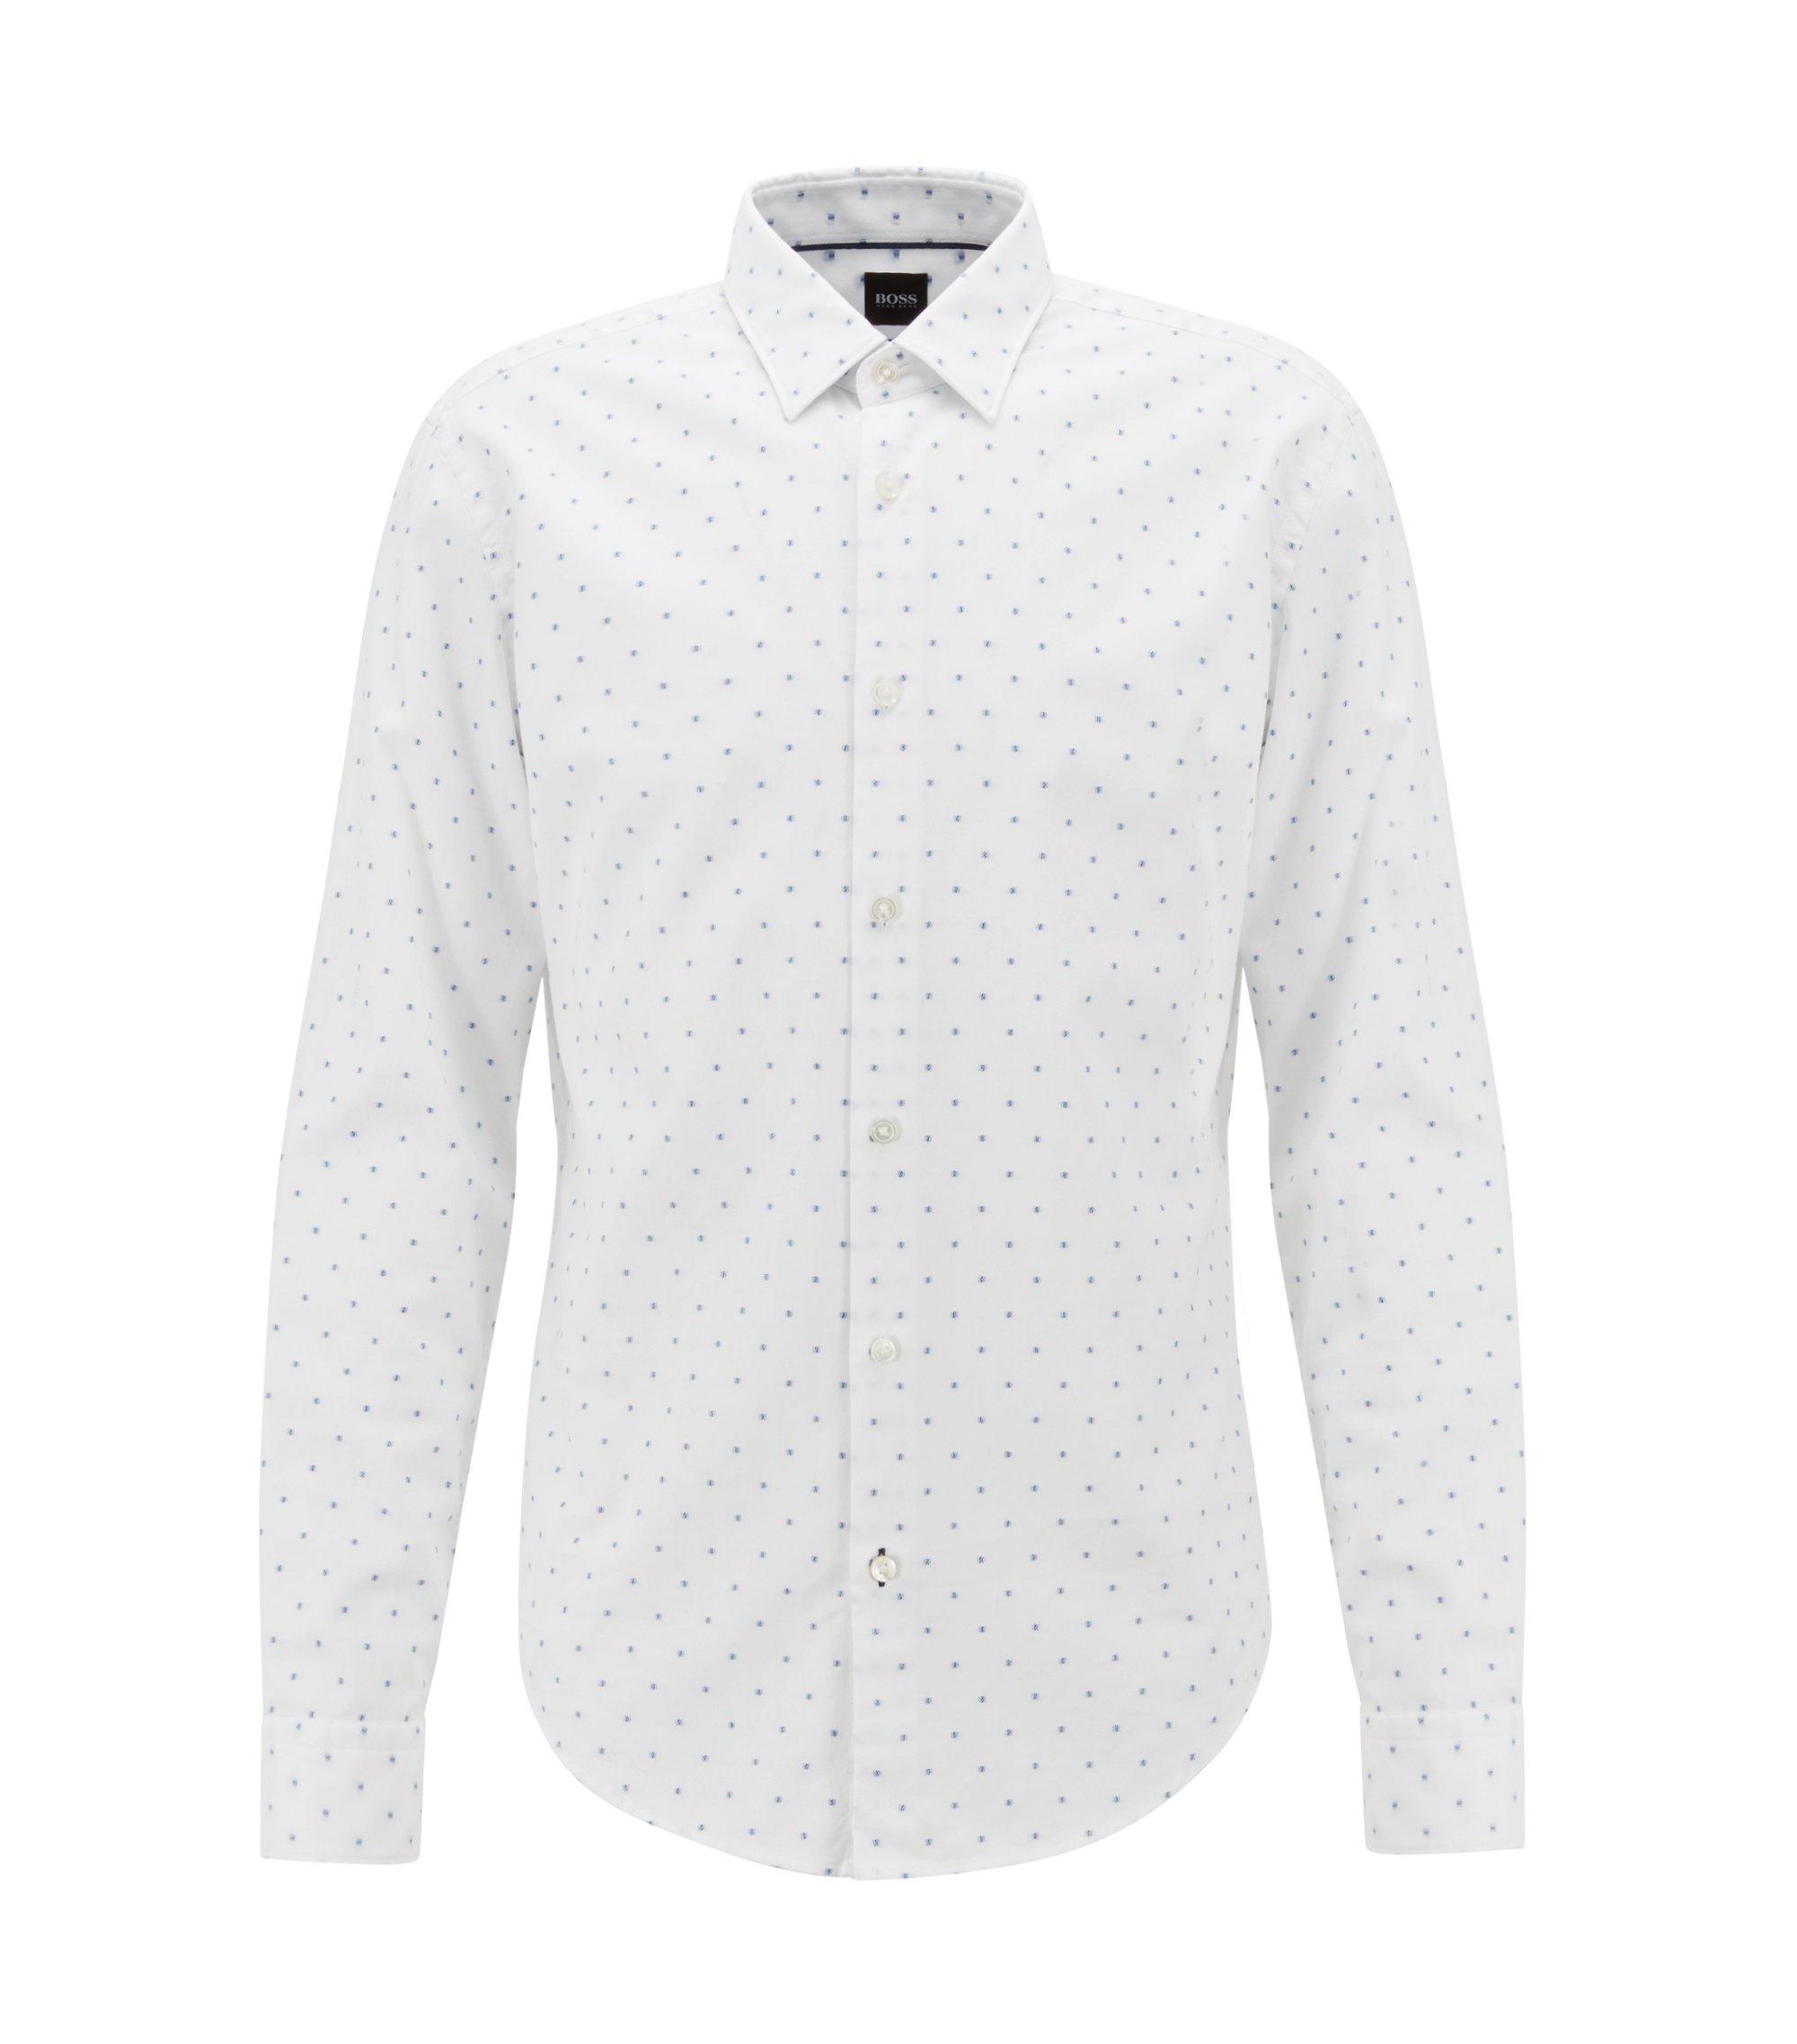 Slim-Fit Hemd aus Fil-coupé-Baumwolle mit Fischgrätstruktur, Weiß